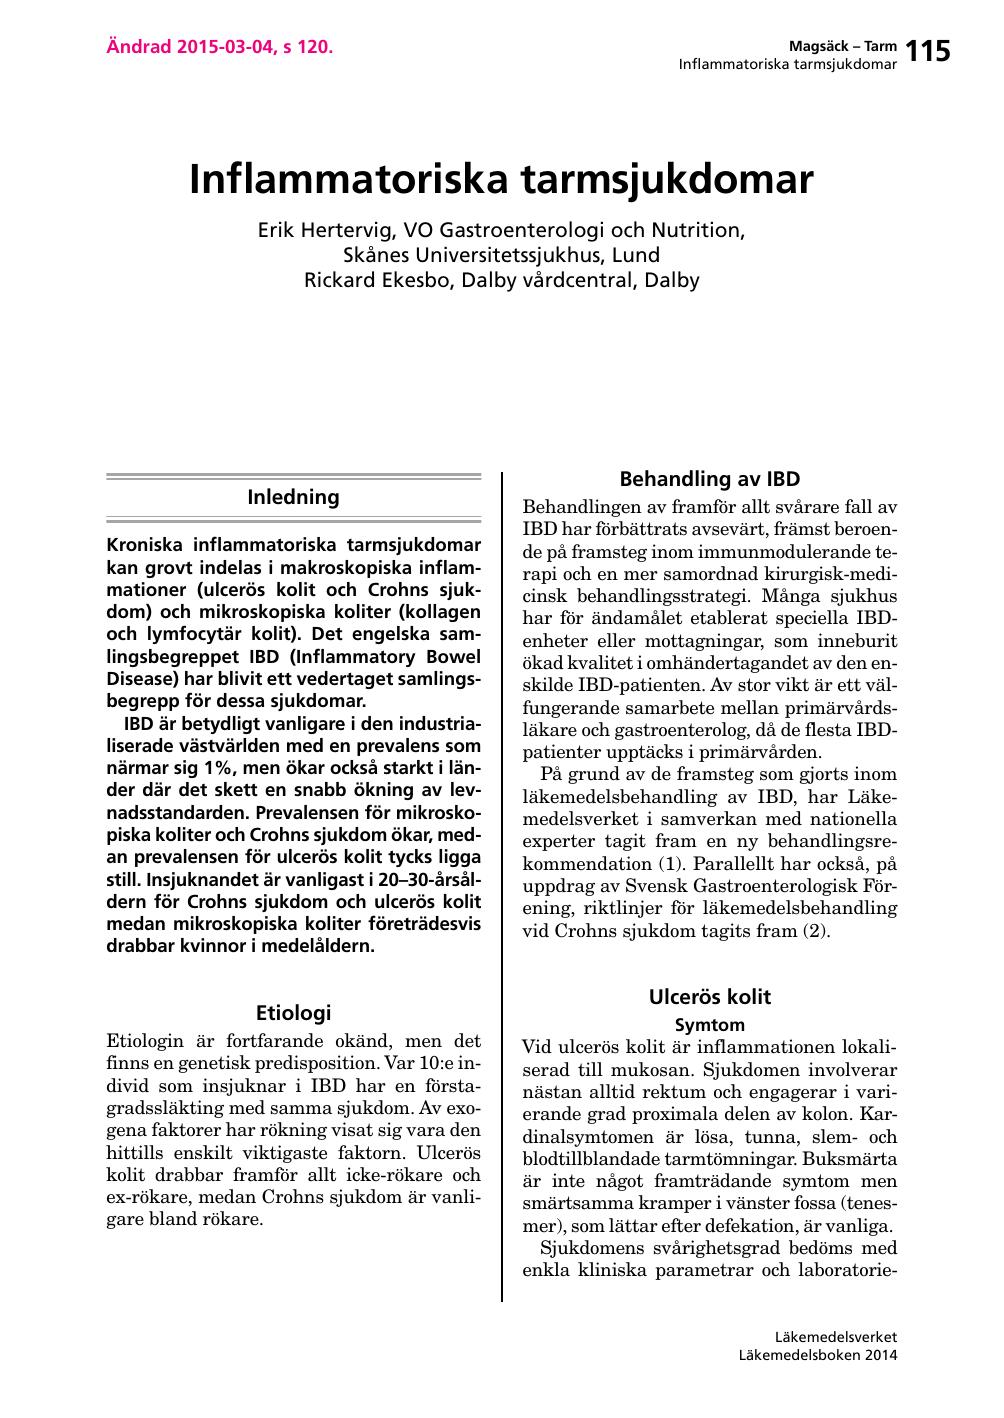 Inflammatoriska tarmsjukdomar – Läkemedelsboken 2014 36130b903ba57